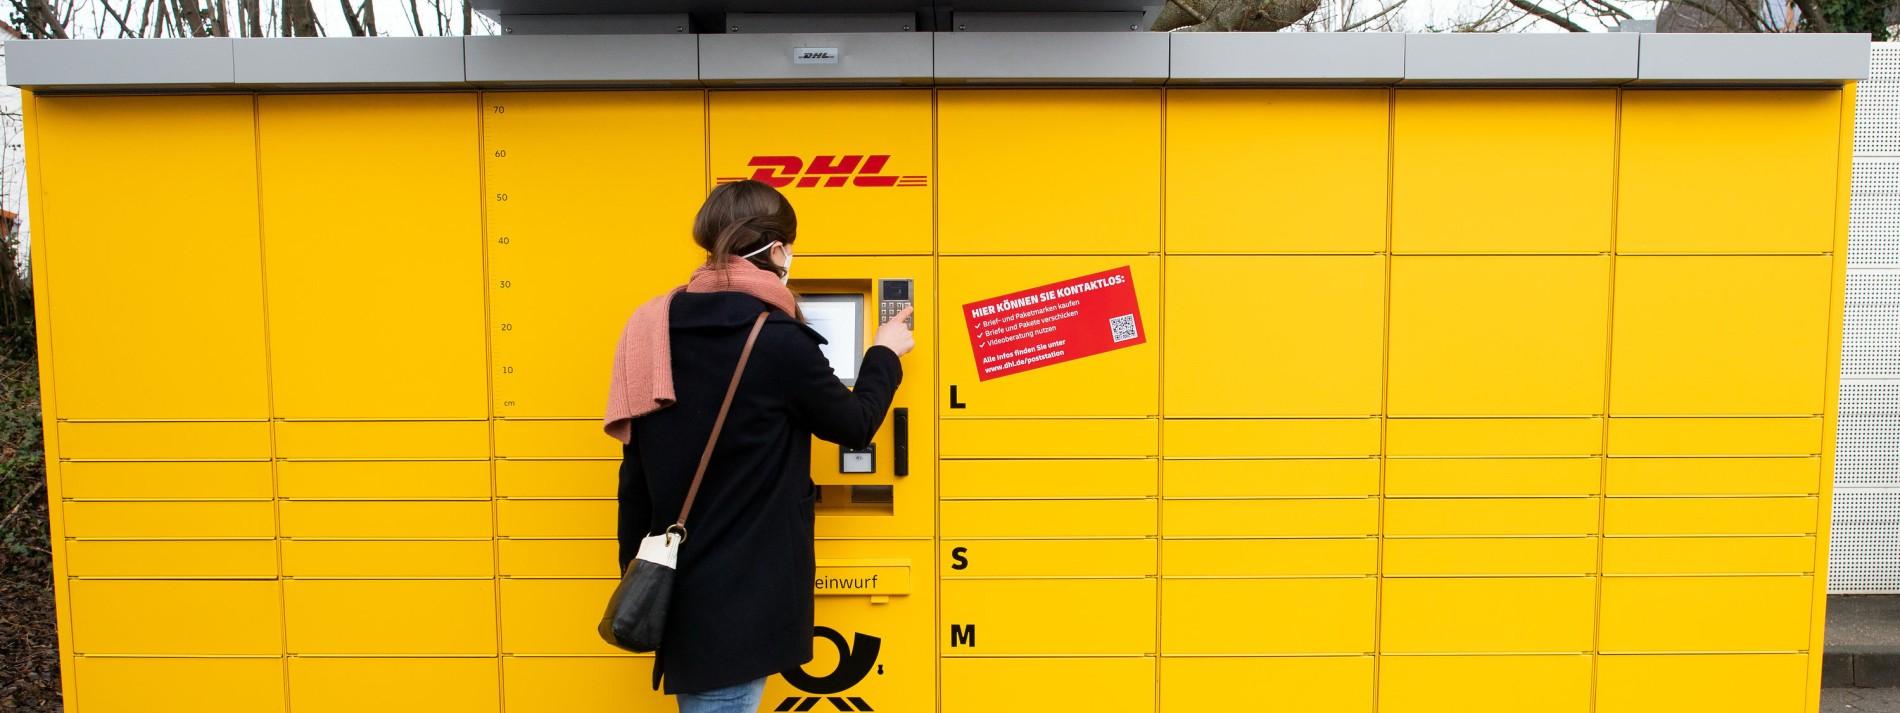 Deutsche Post will deutlich mehr Packstationen aufstellen